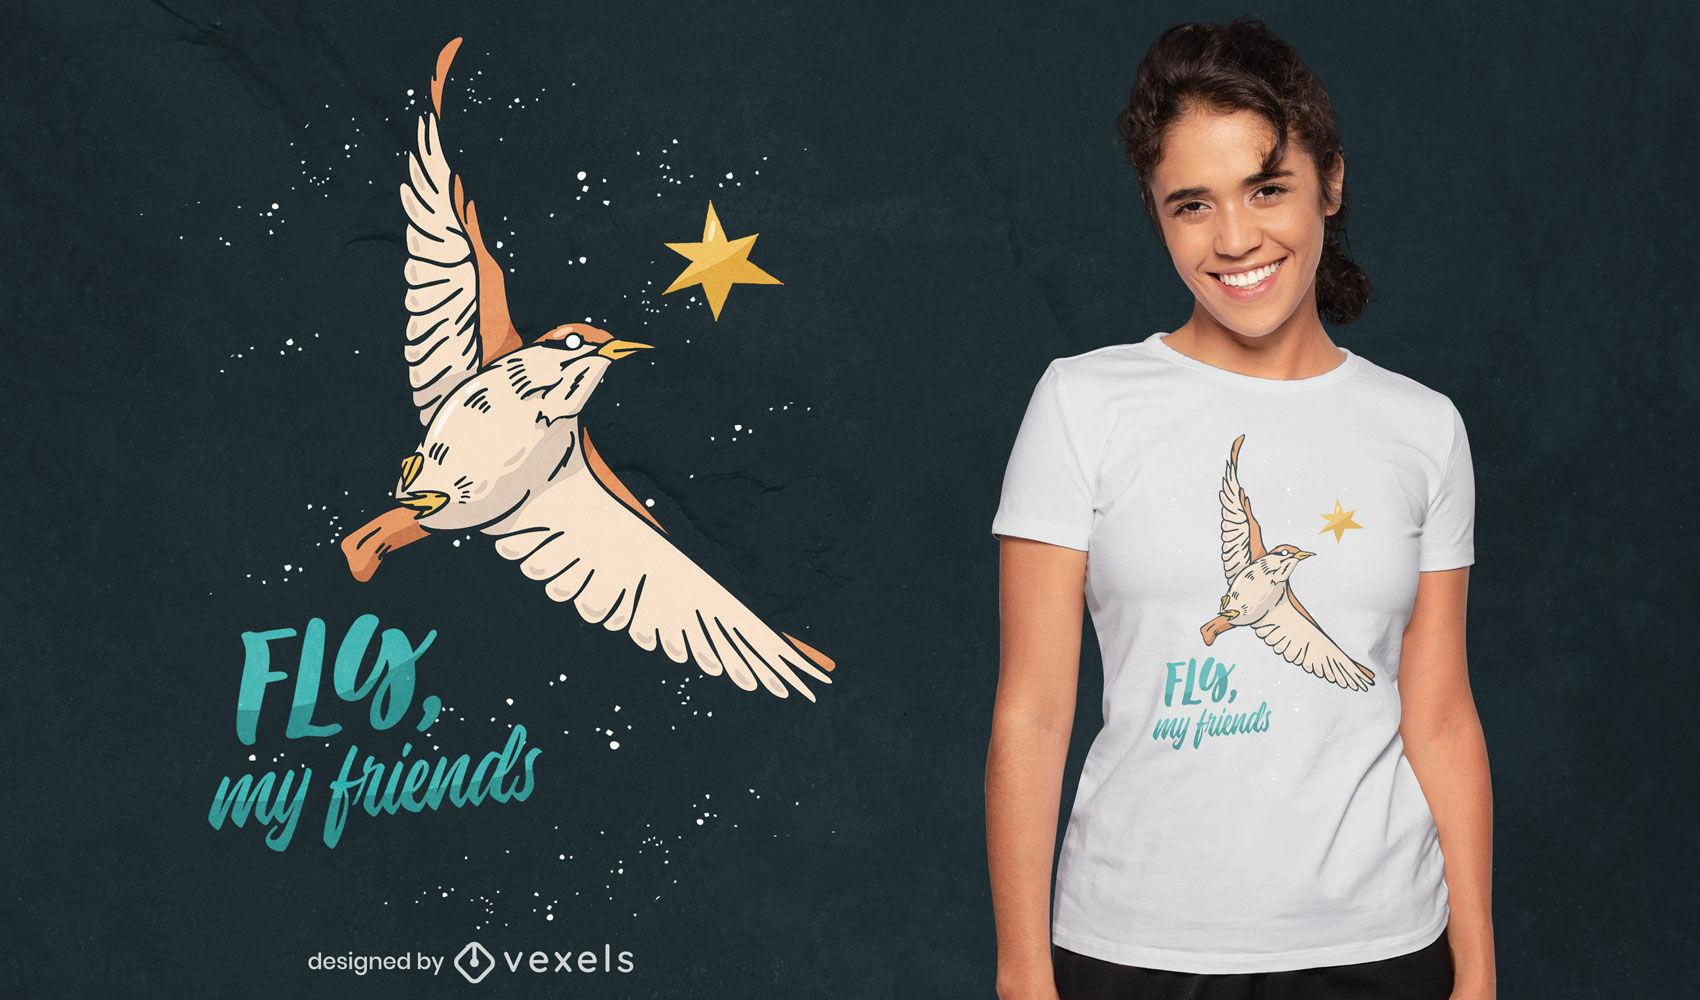 Bird flying in night sky t-shirt design